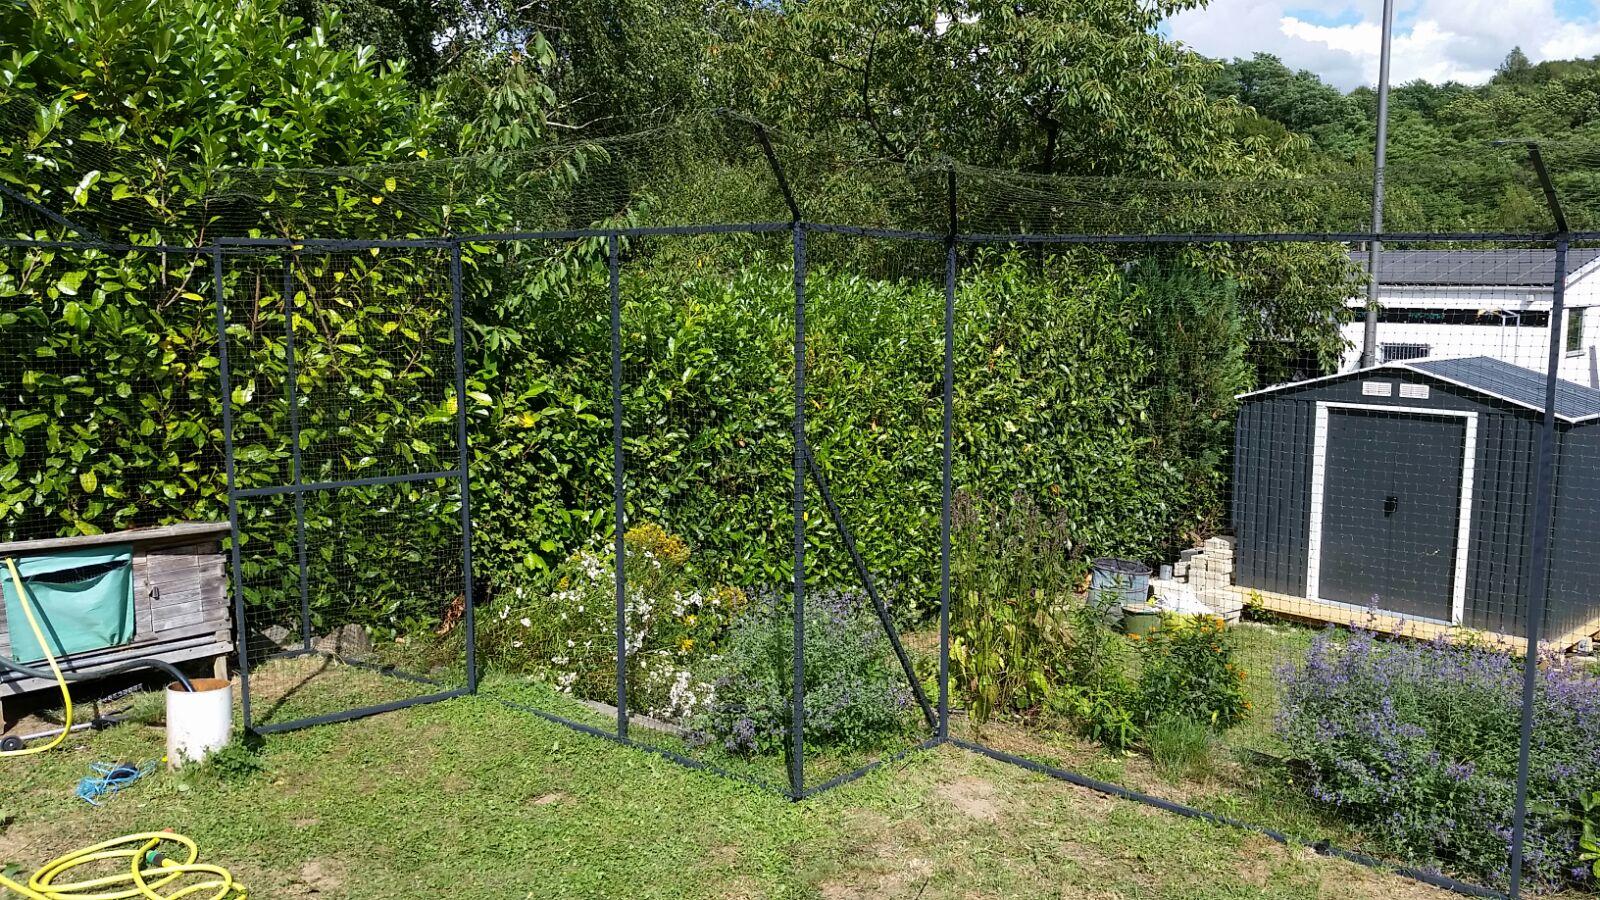 katzennetz system im garten katzennetze nrw der katzennetz profi. Black Bedroom Furniture Sets. Home Design Ideas